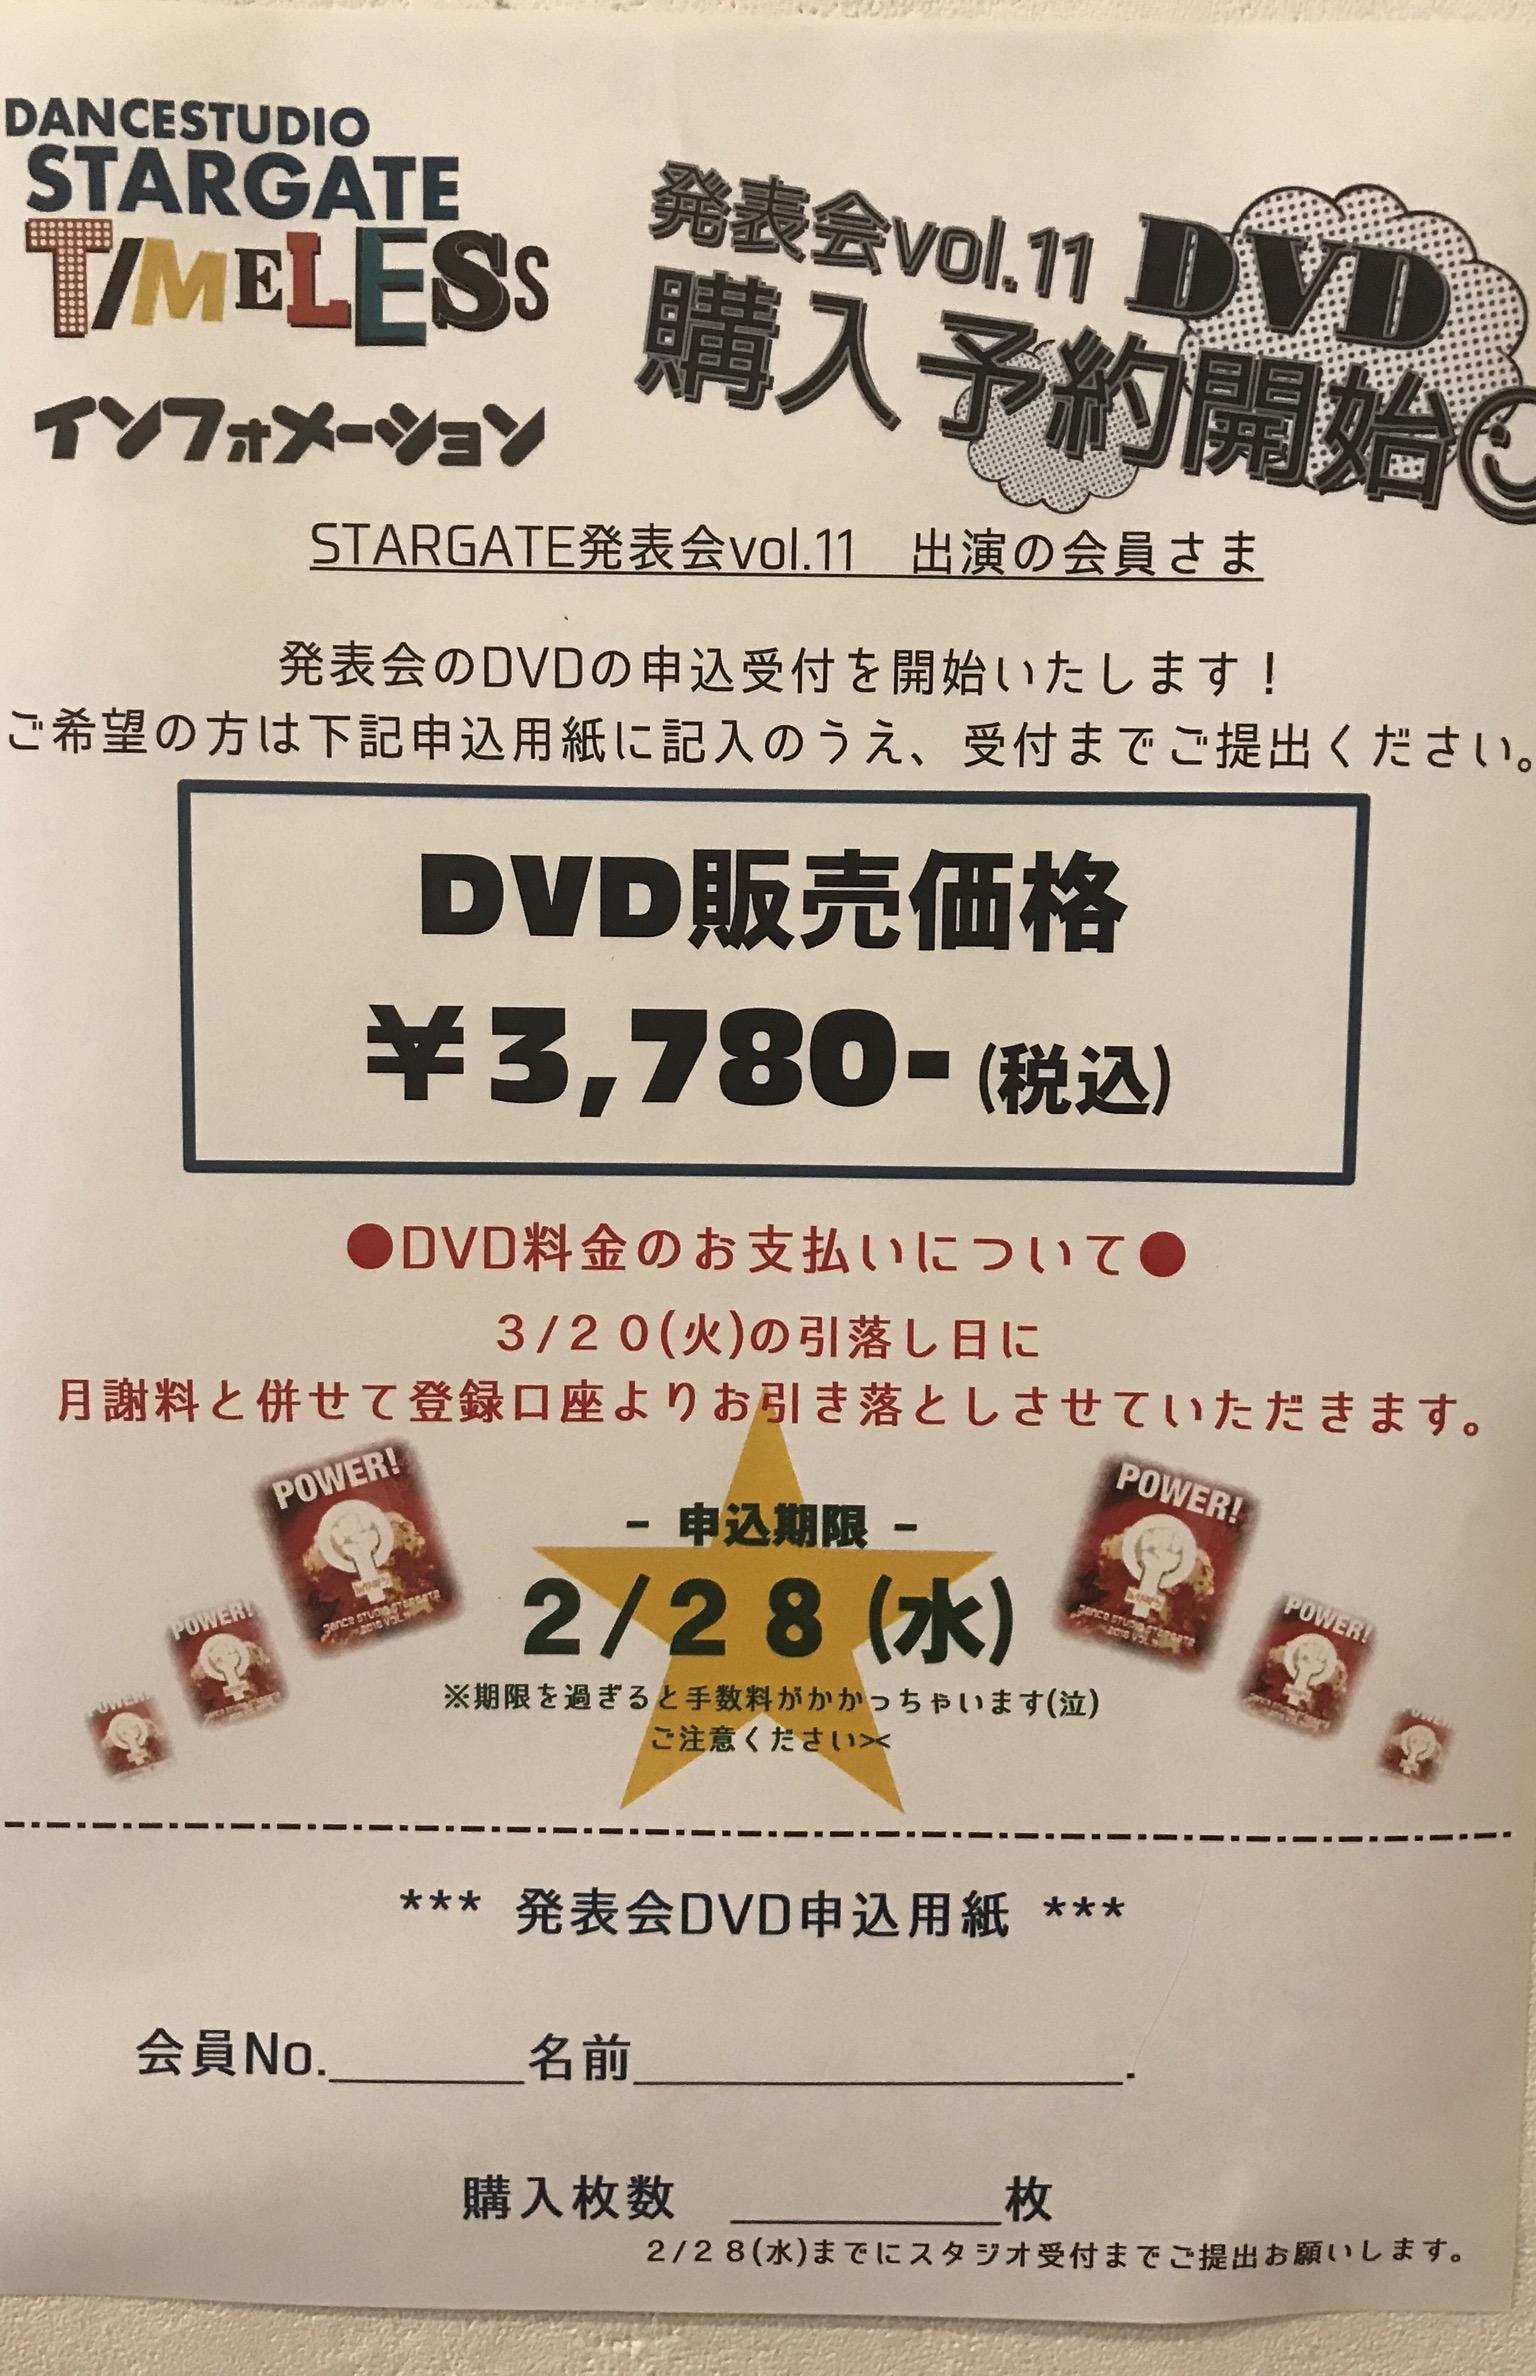 5052D31D-5142-4BD4-BCCA-5FD8345D24B1